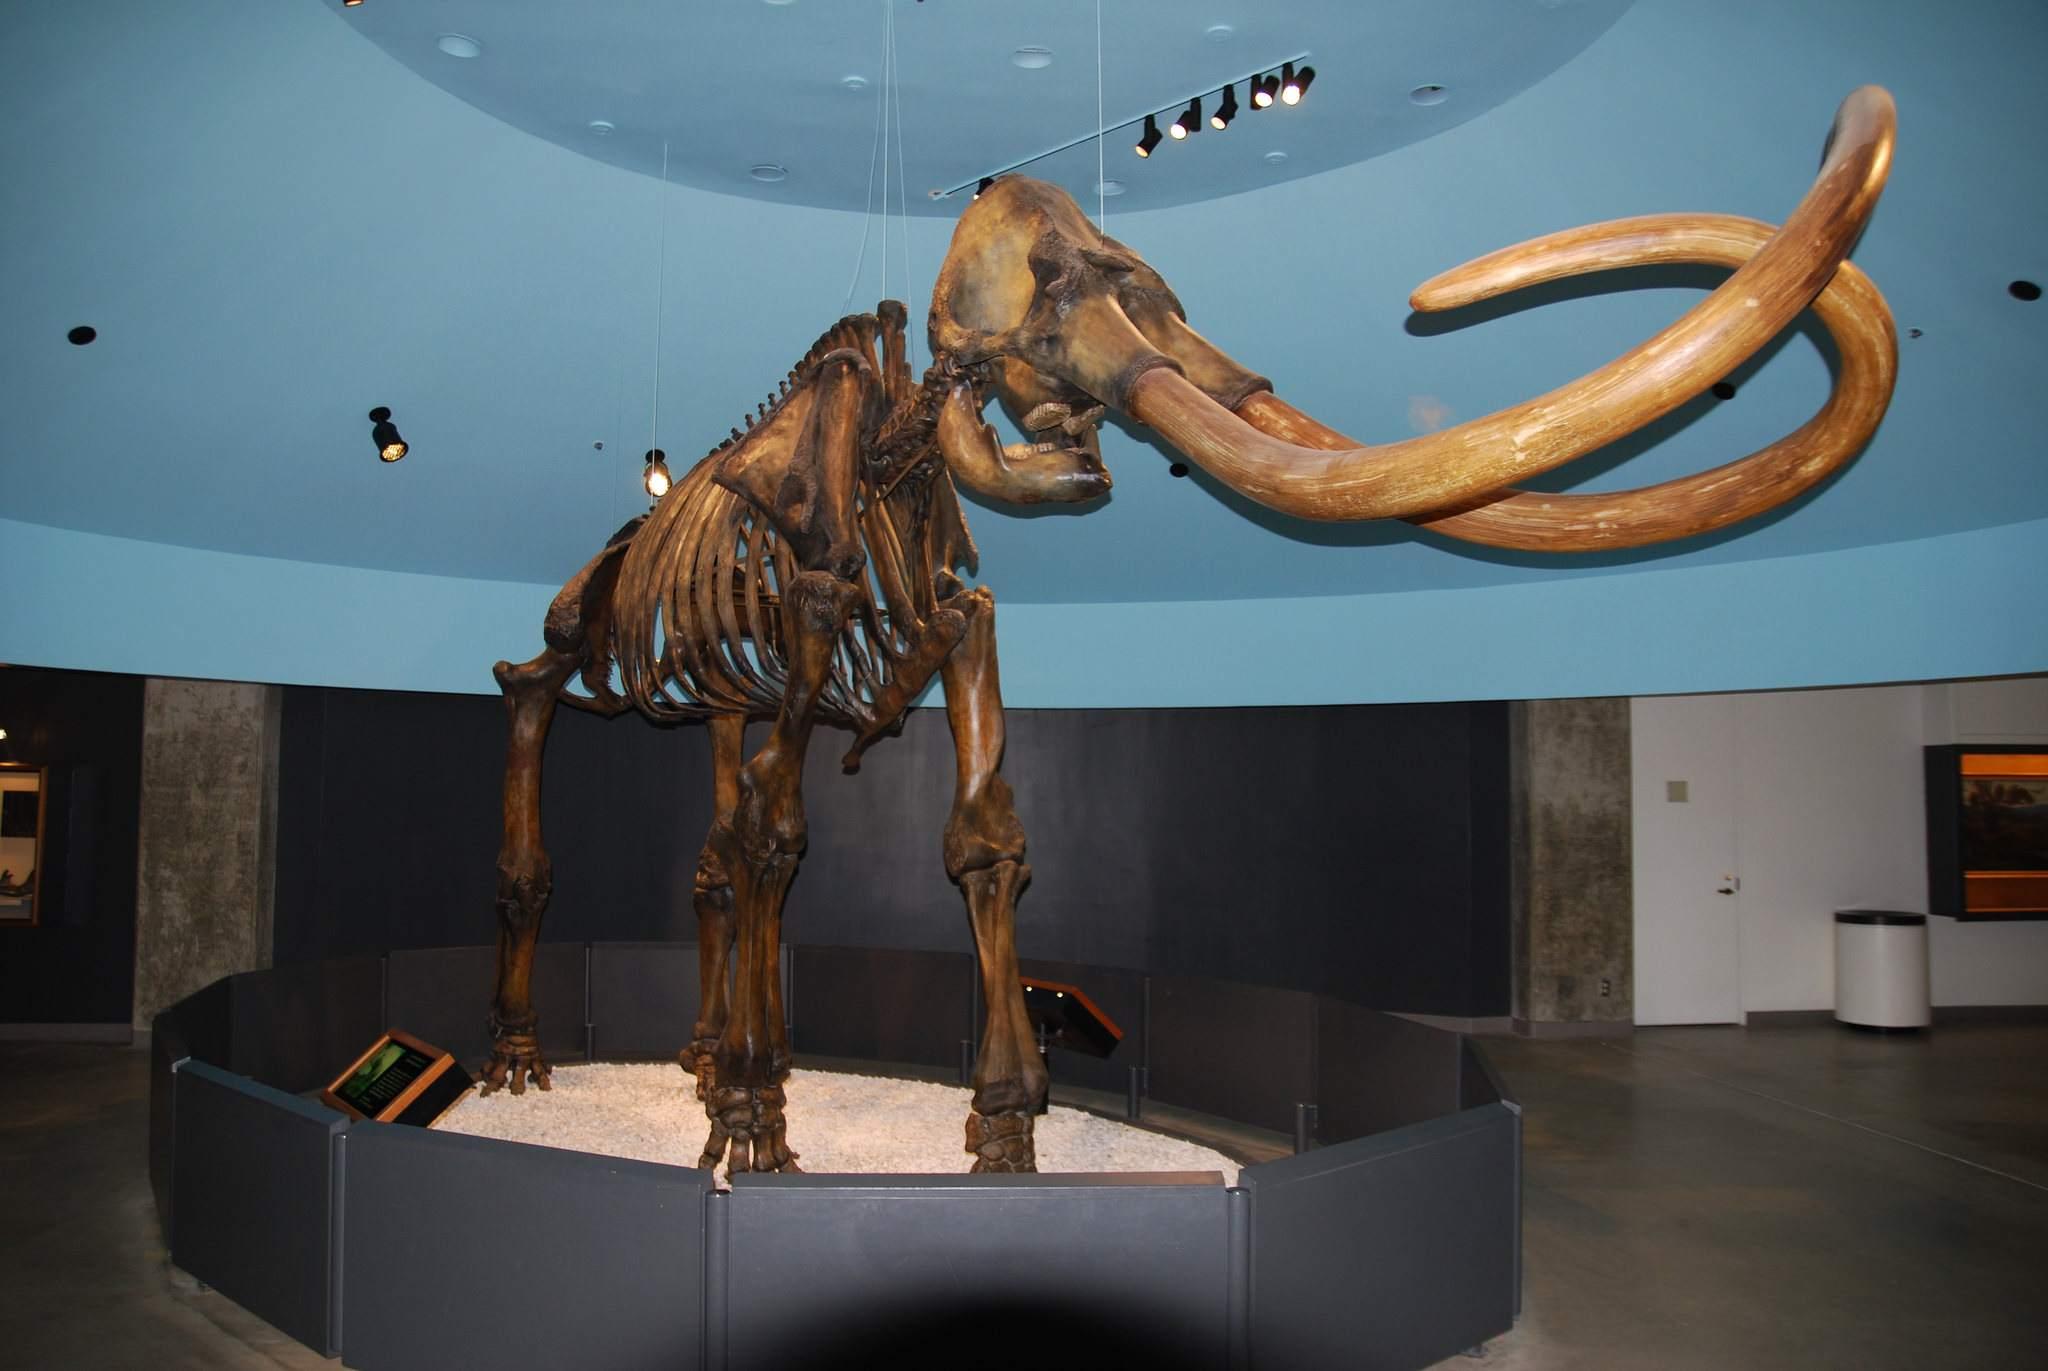 la brea tar pits7 La Brea Tar Pits and Museum in LA